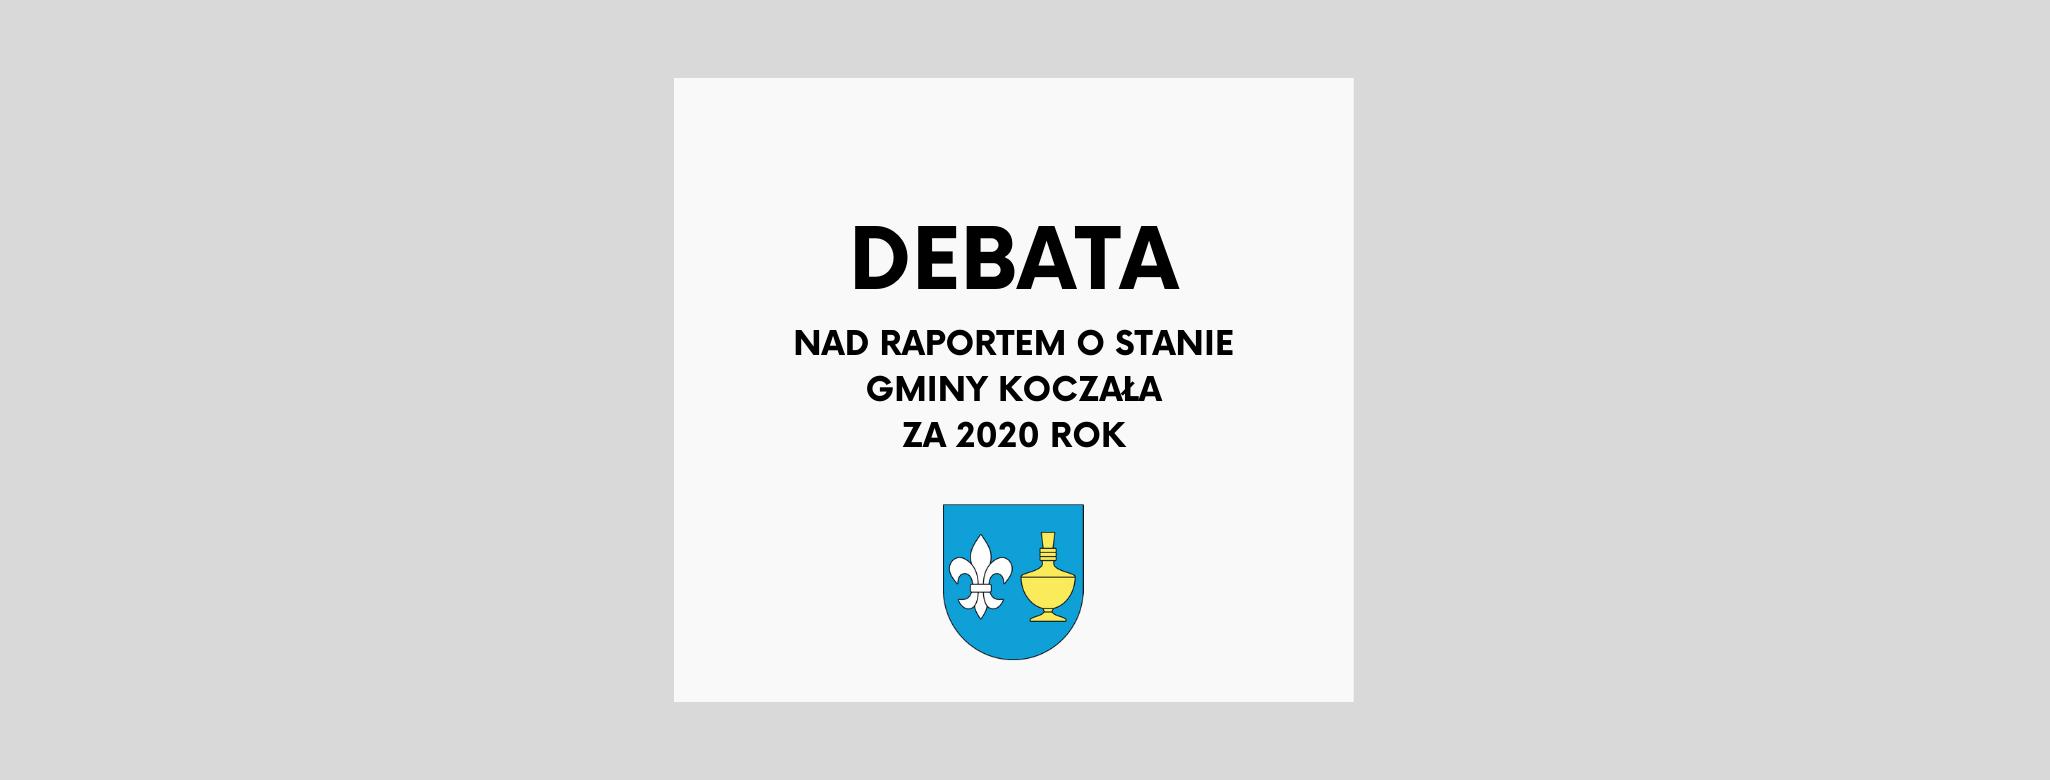 nagłówek graficzny o treści: debata nad raportem o stanie Gminy Koczała za 2020 rok, pod napisem herb Gminy Koczała